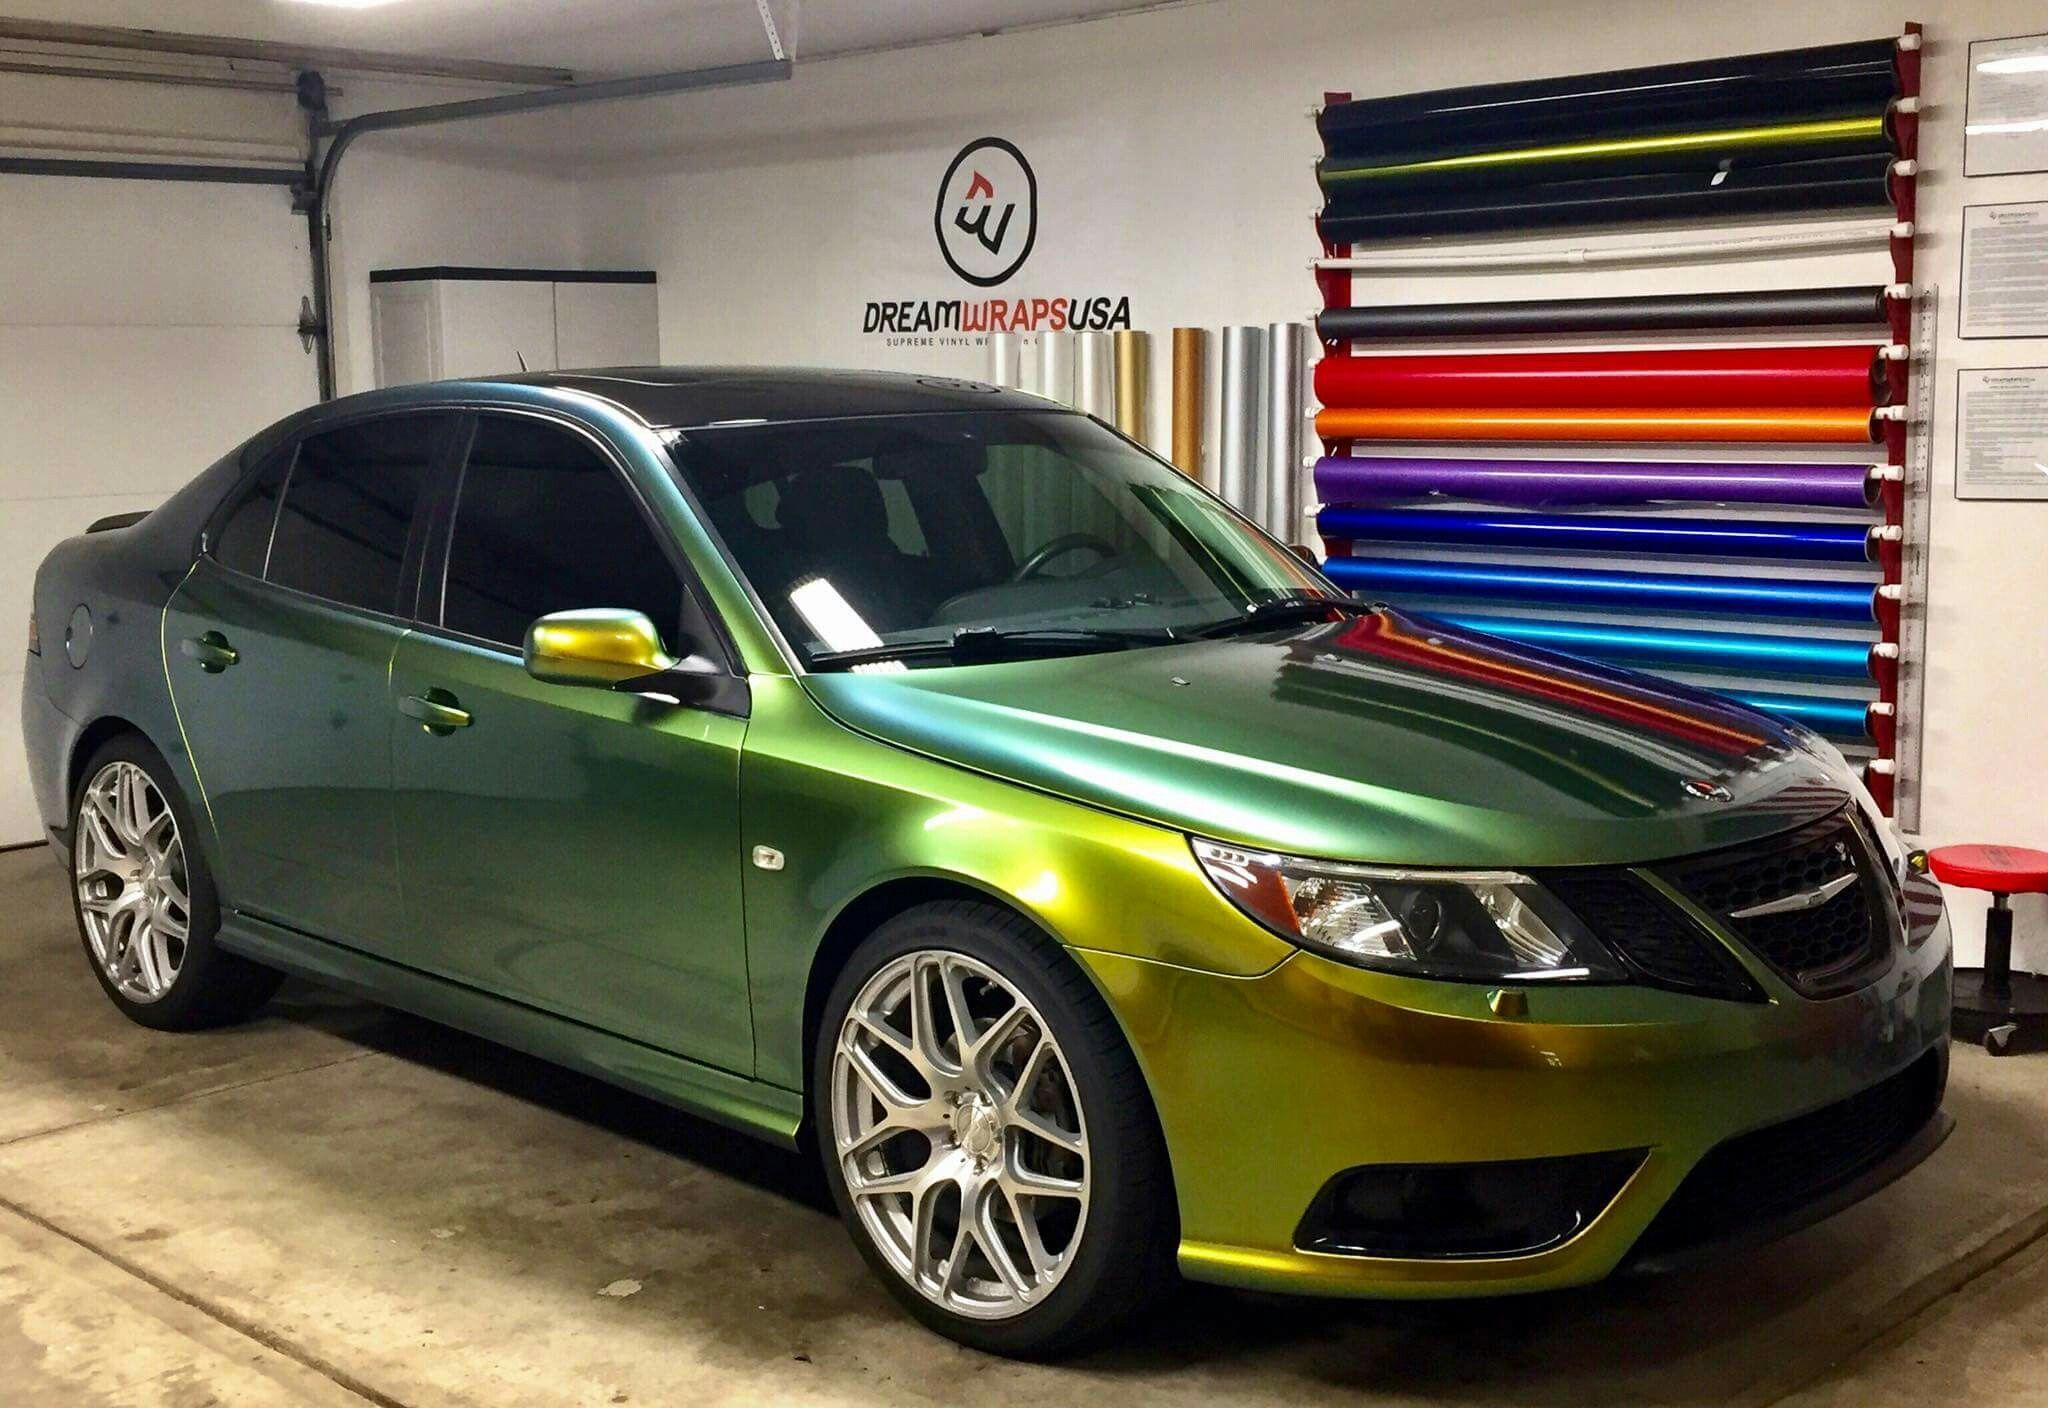 Dreamwrapsusa Saab 9 3 Saab Car Paint Jobs